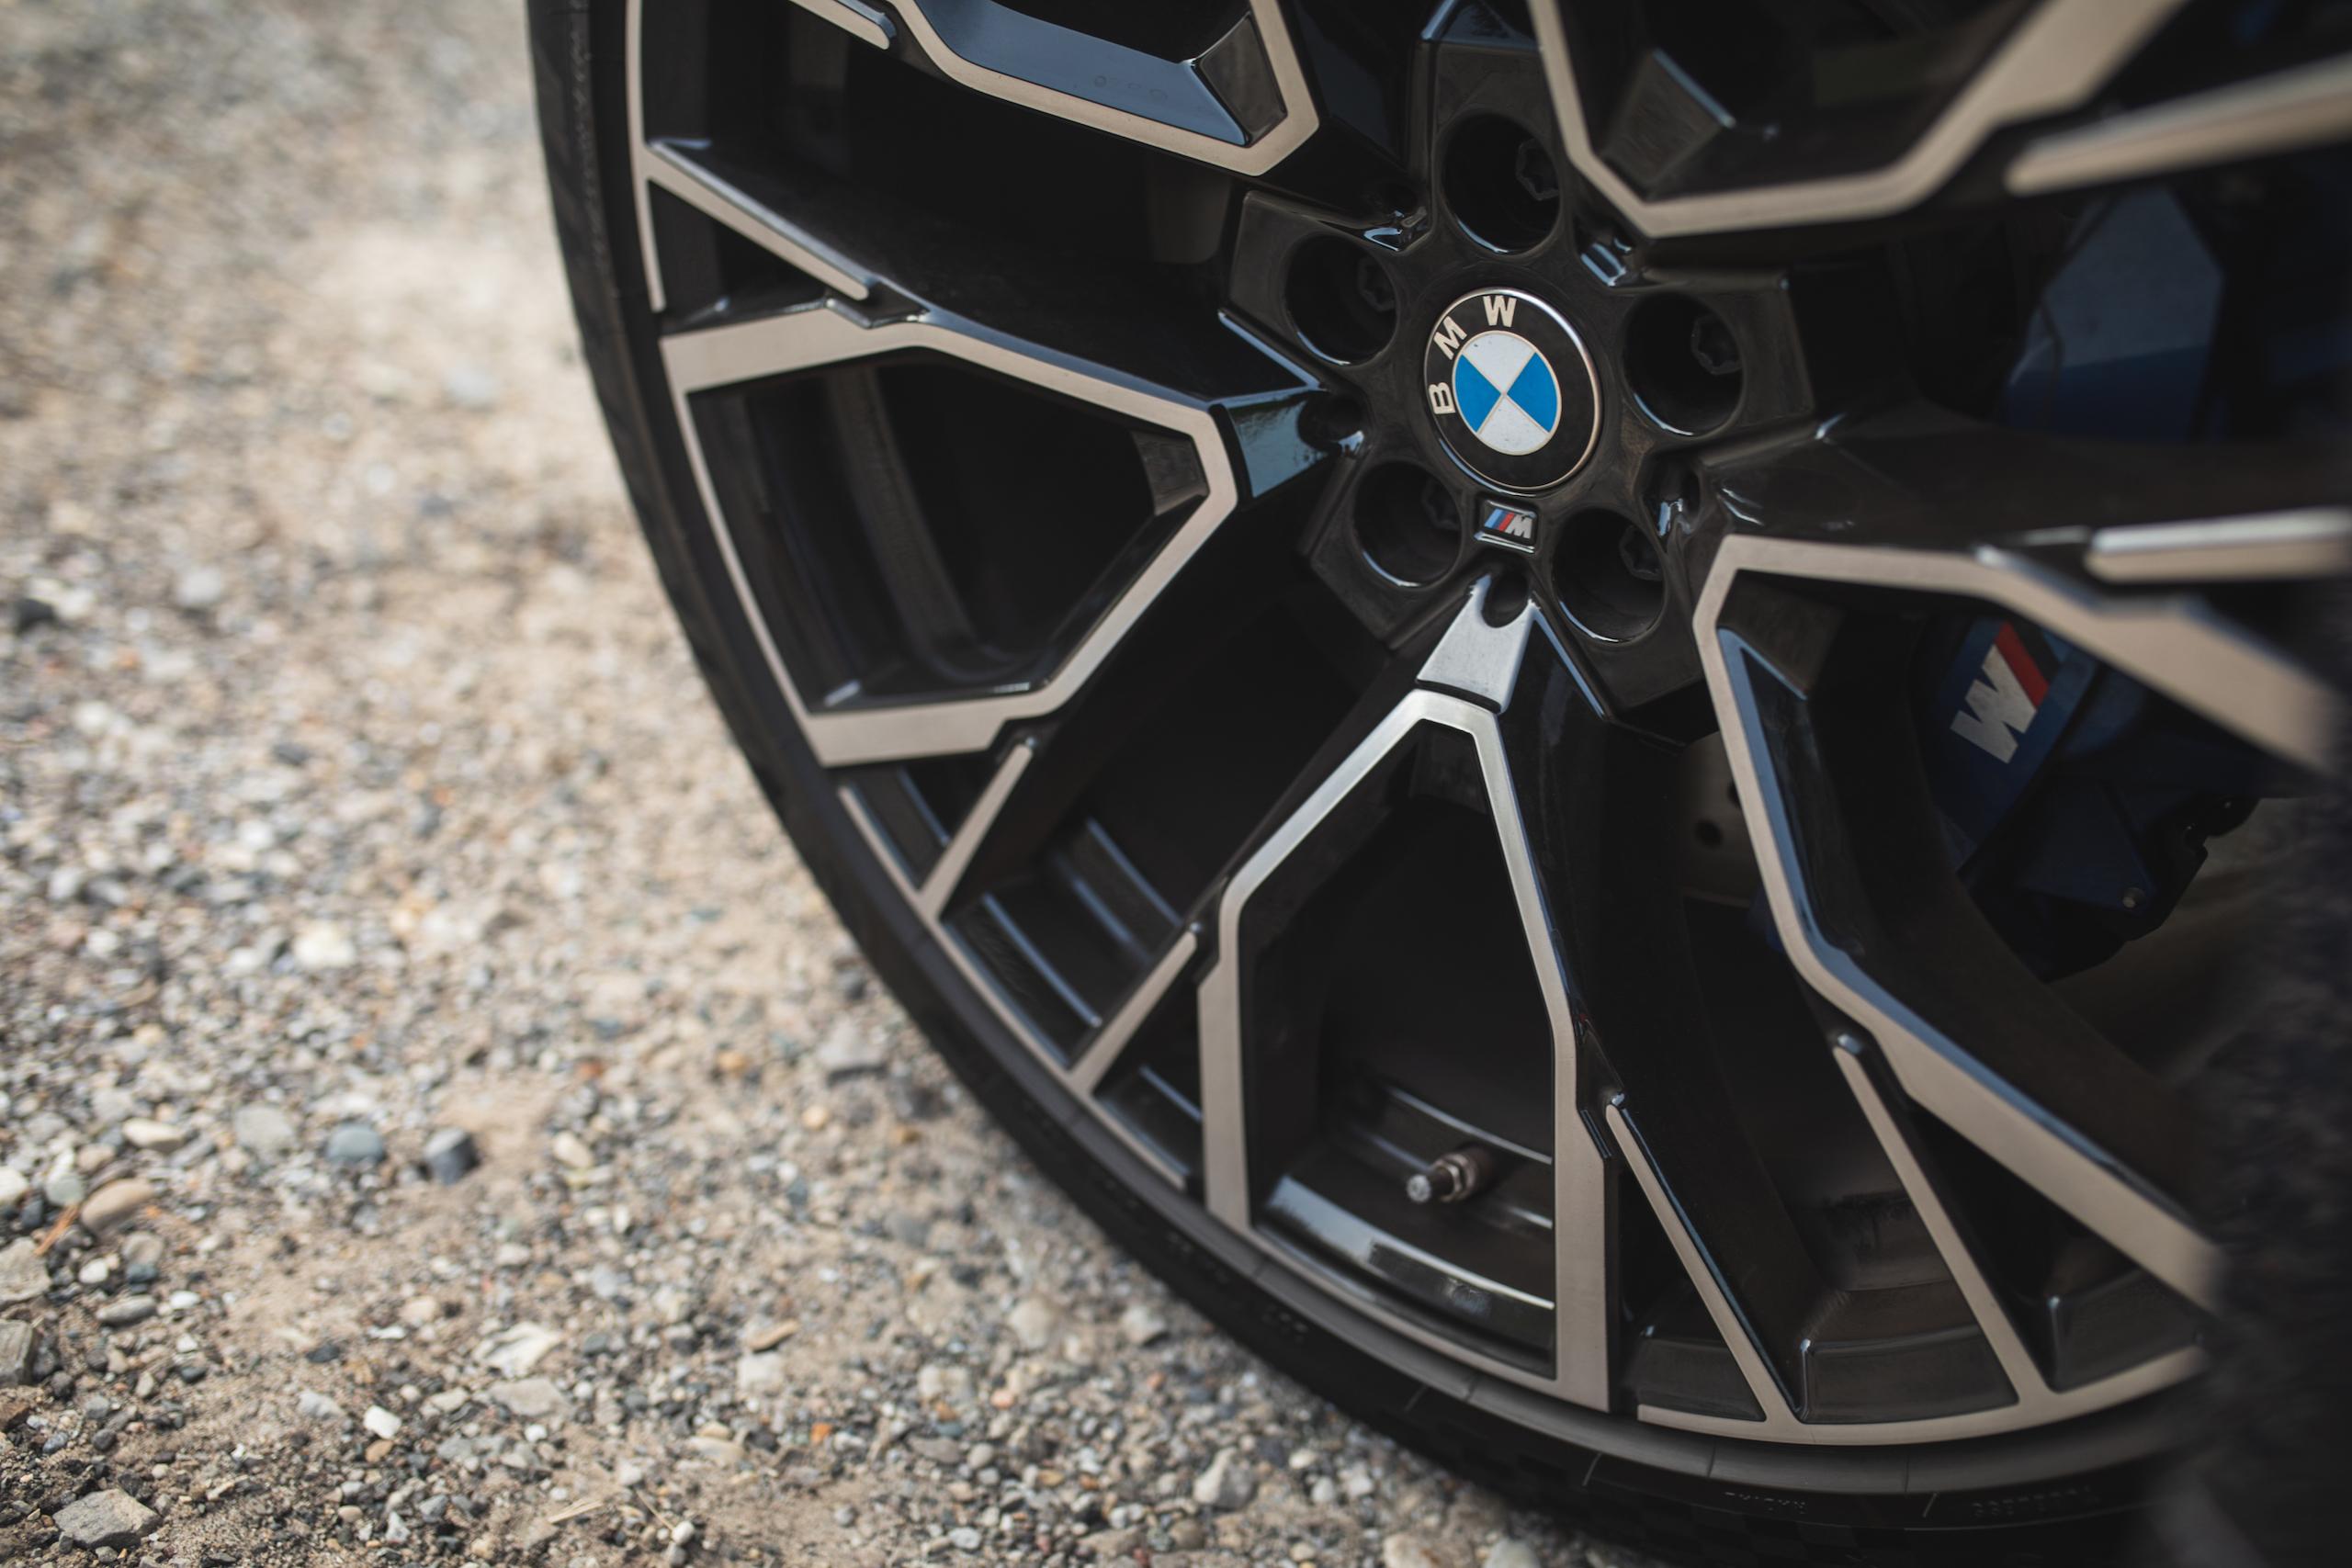 bmw x5m wheel detail